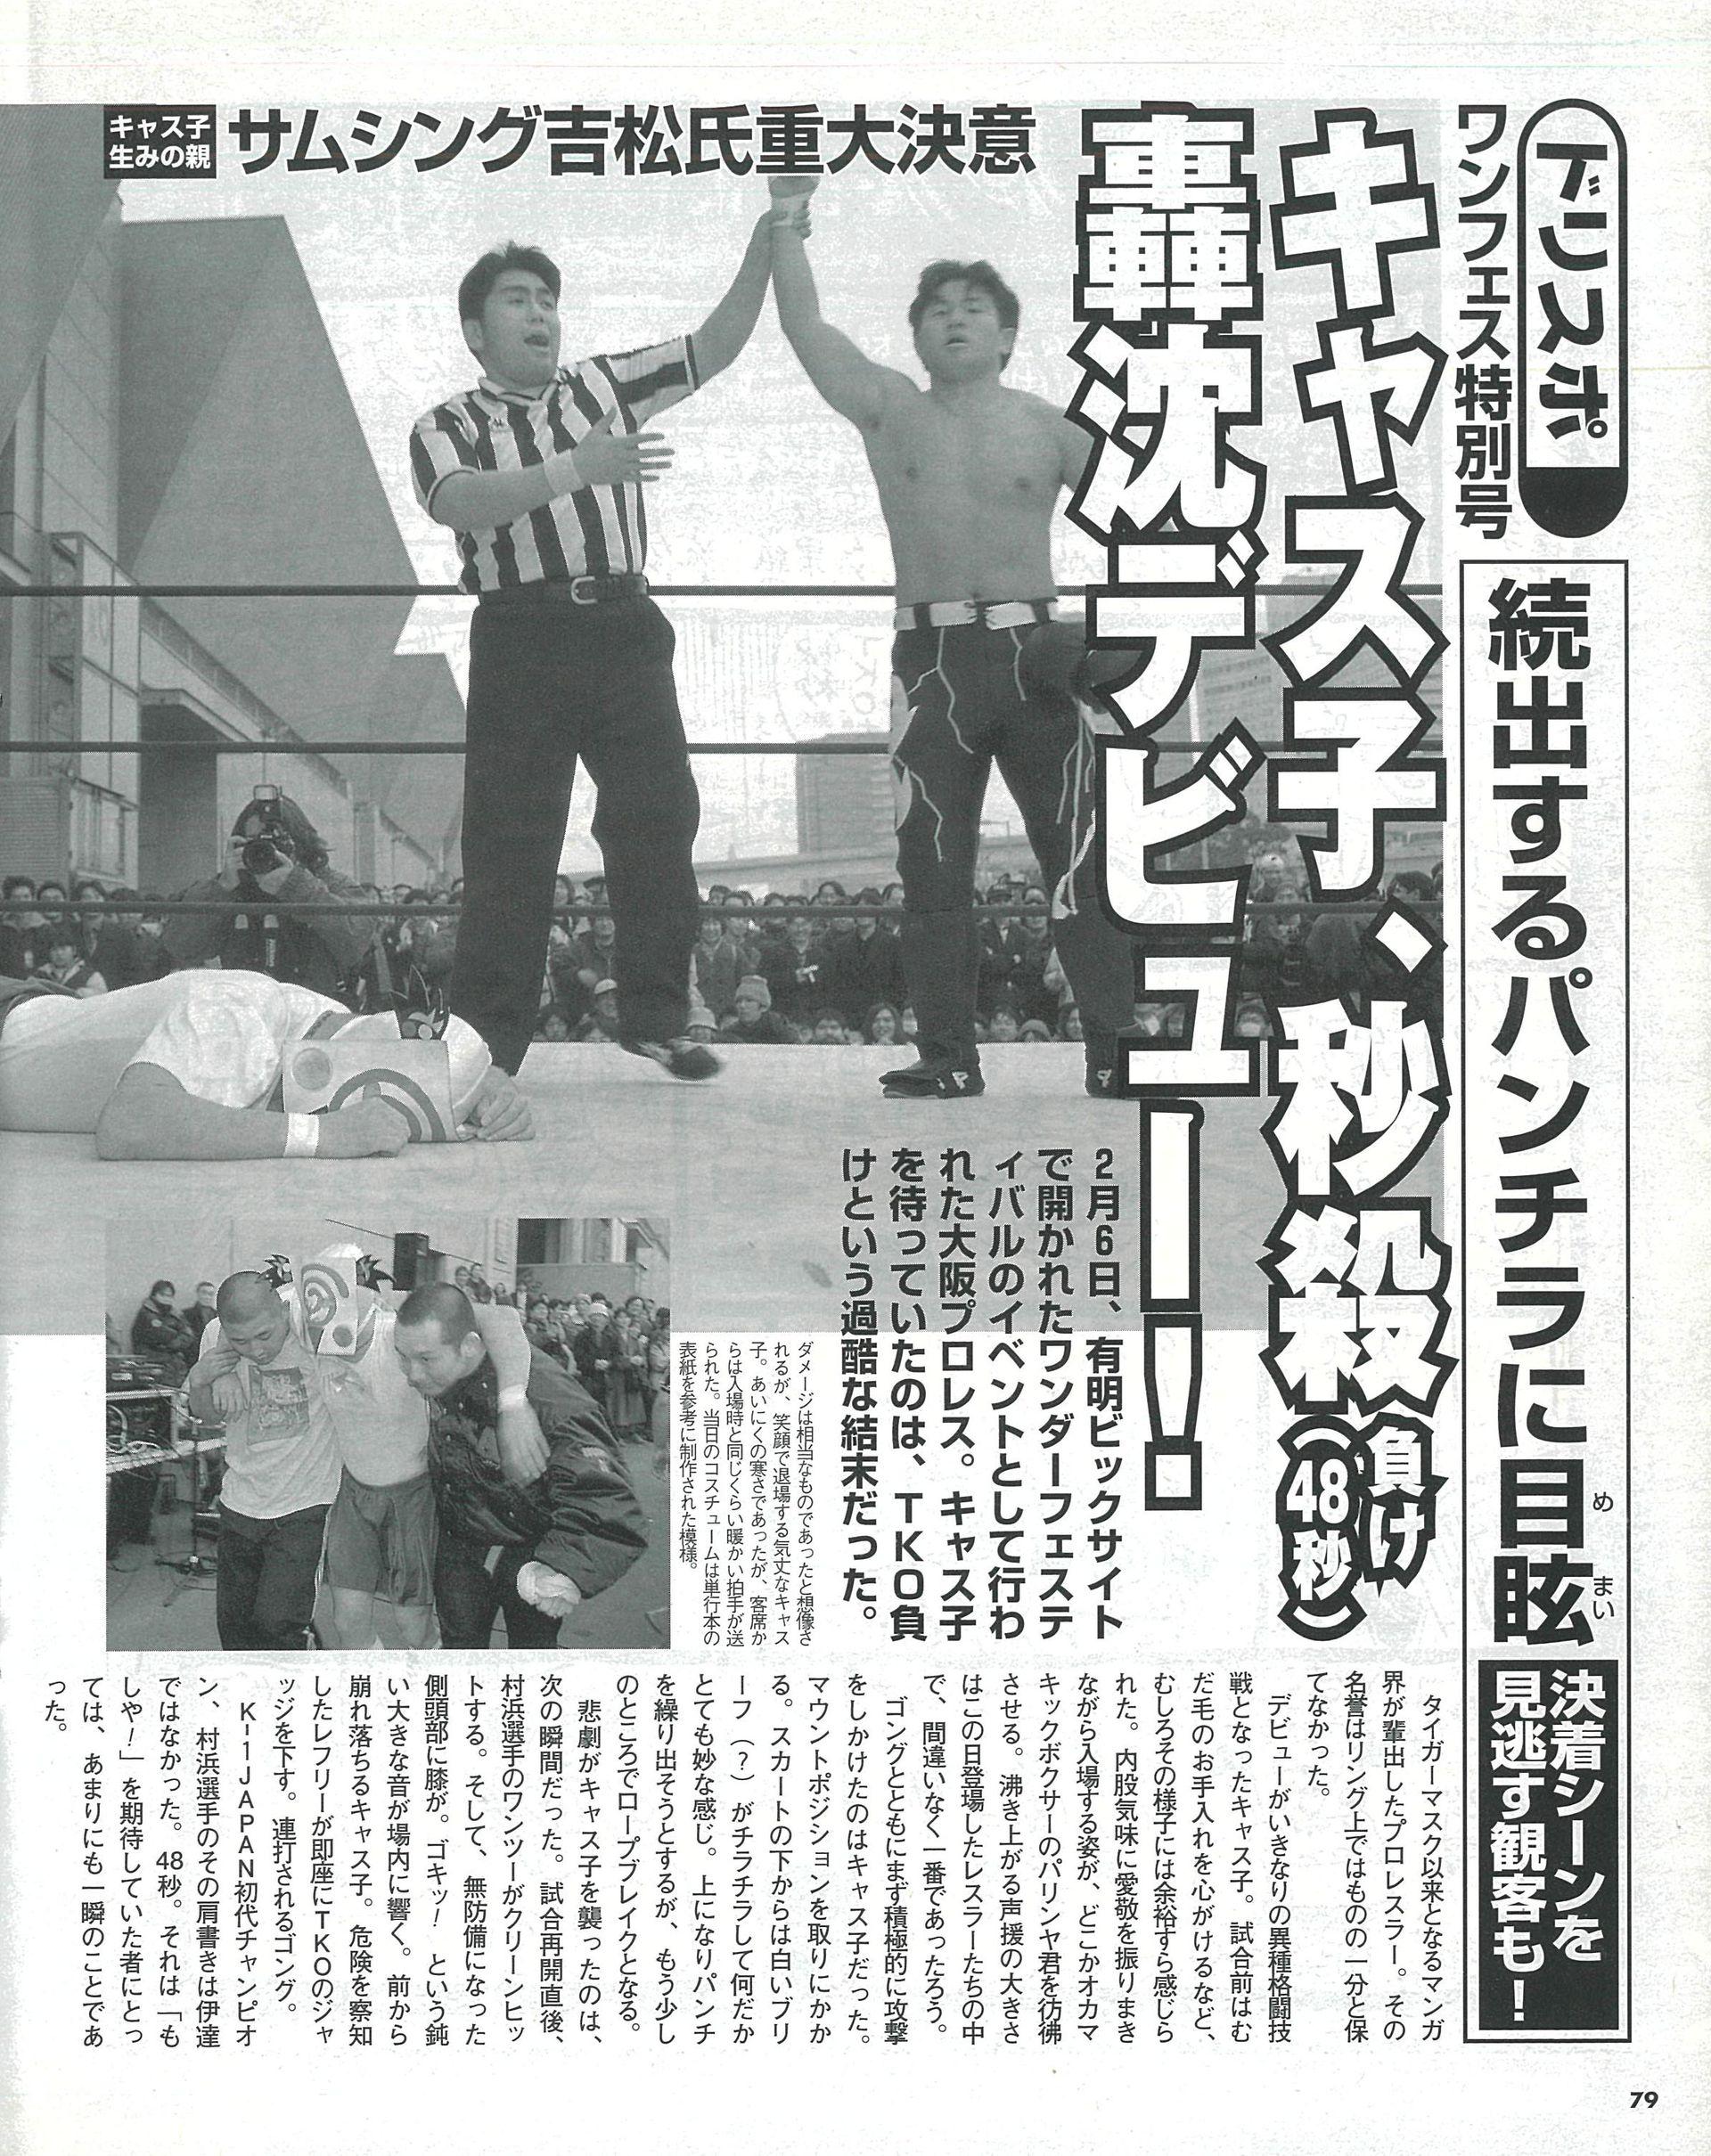 「ドリームキャストマガジン」1999年3月3日号より